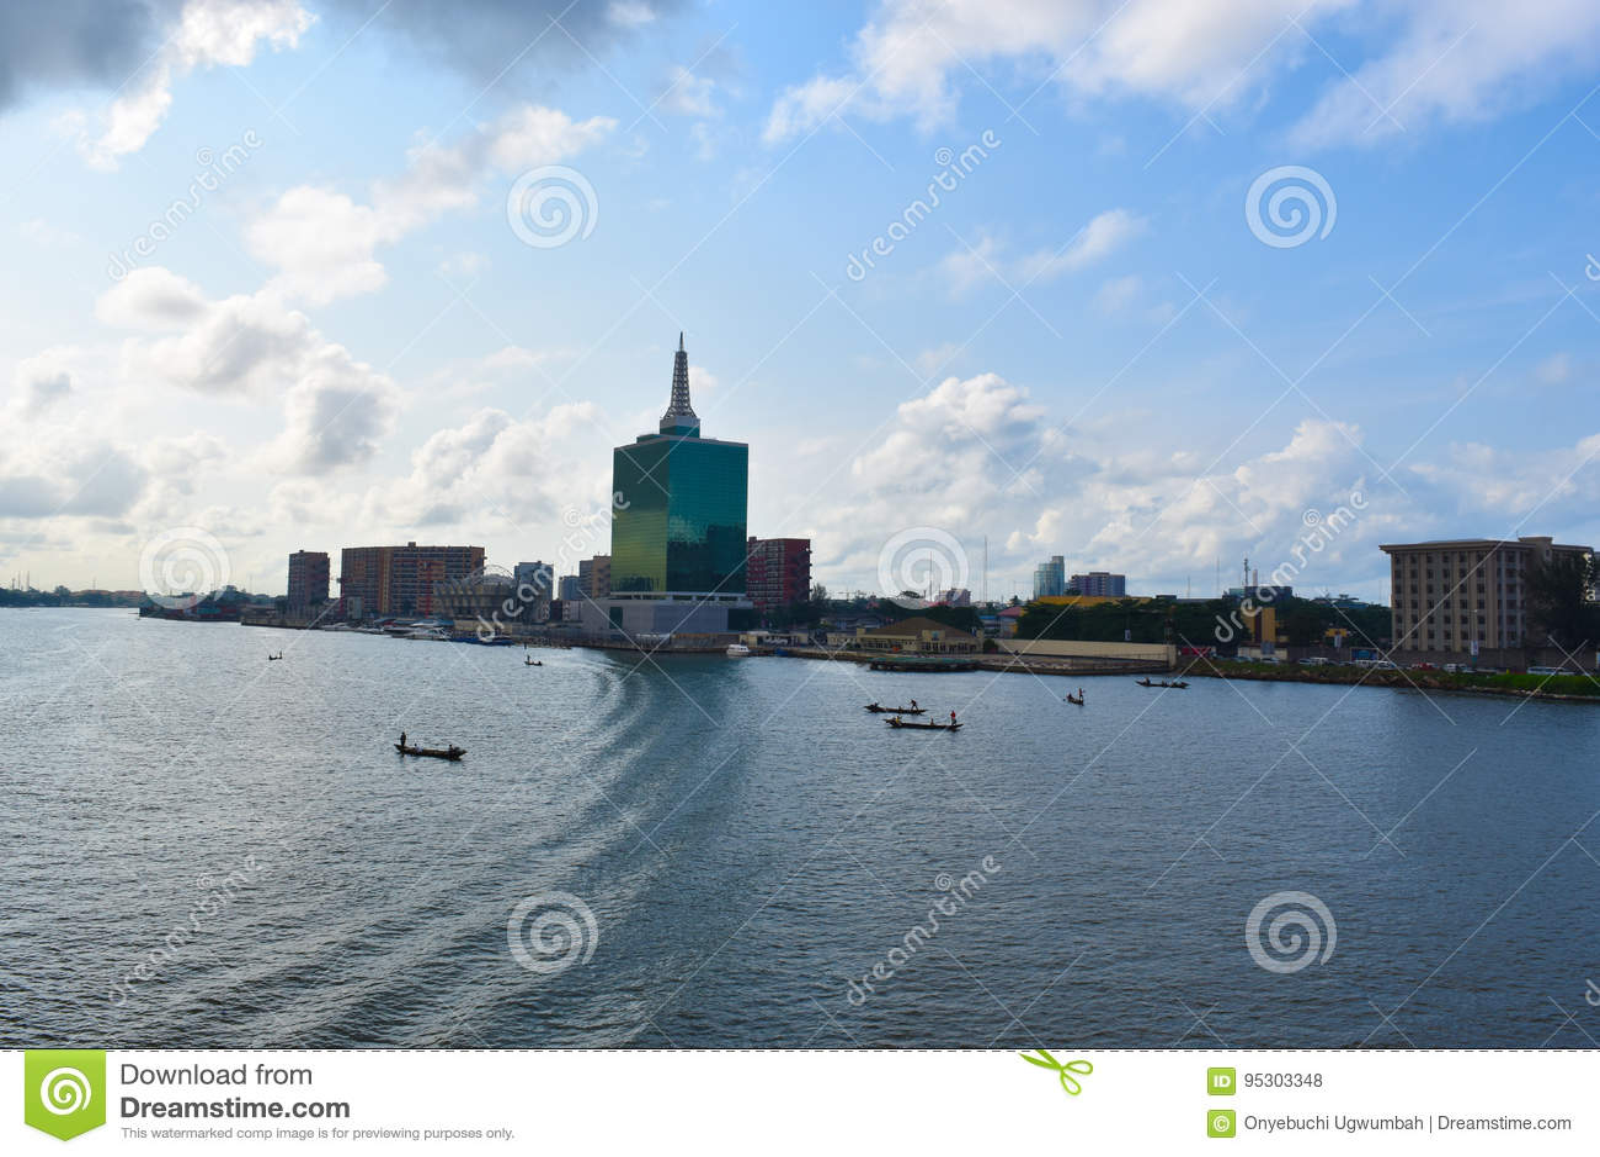 Victoria Island, Lagos, Nigeria